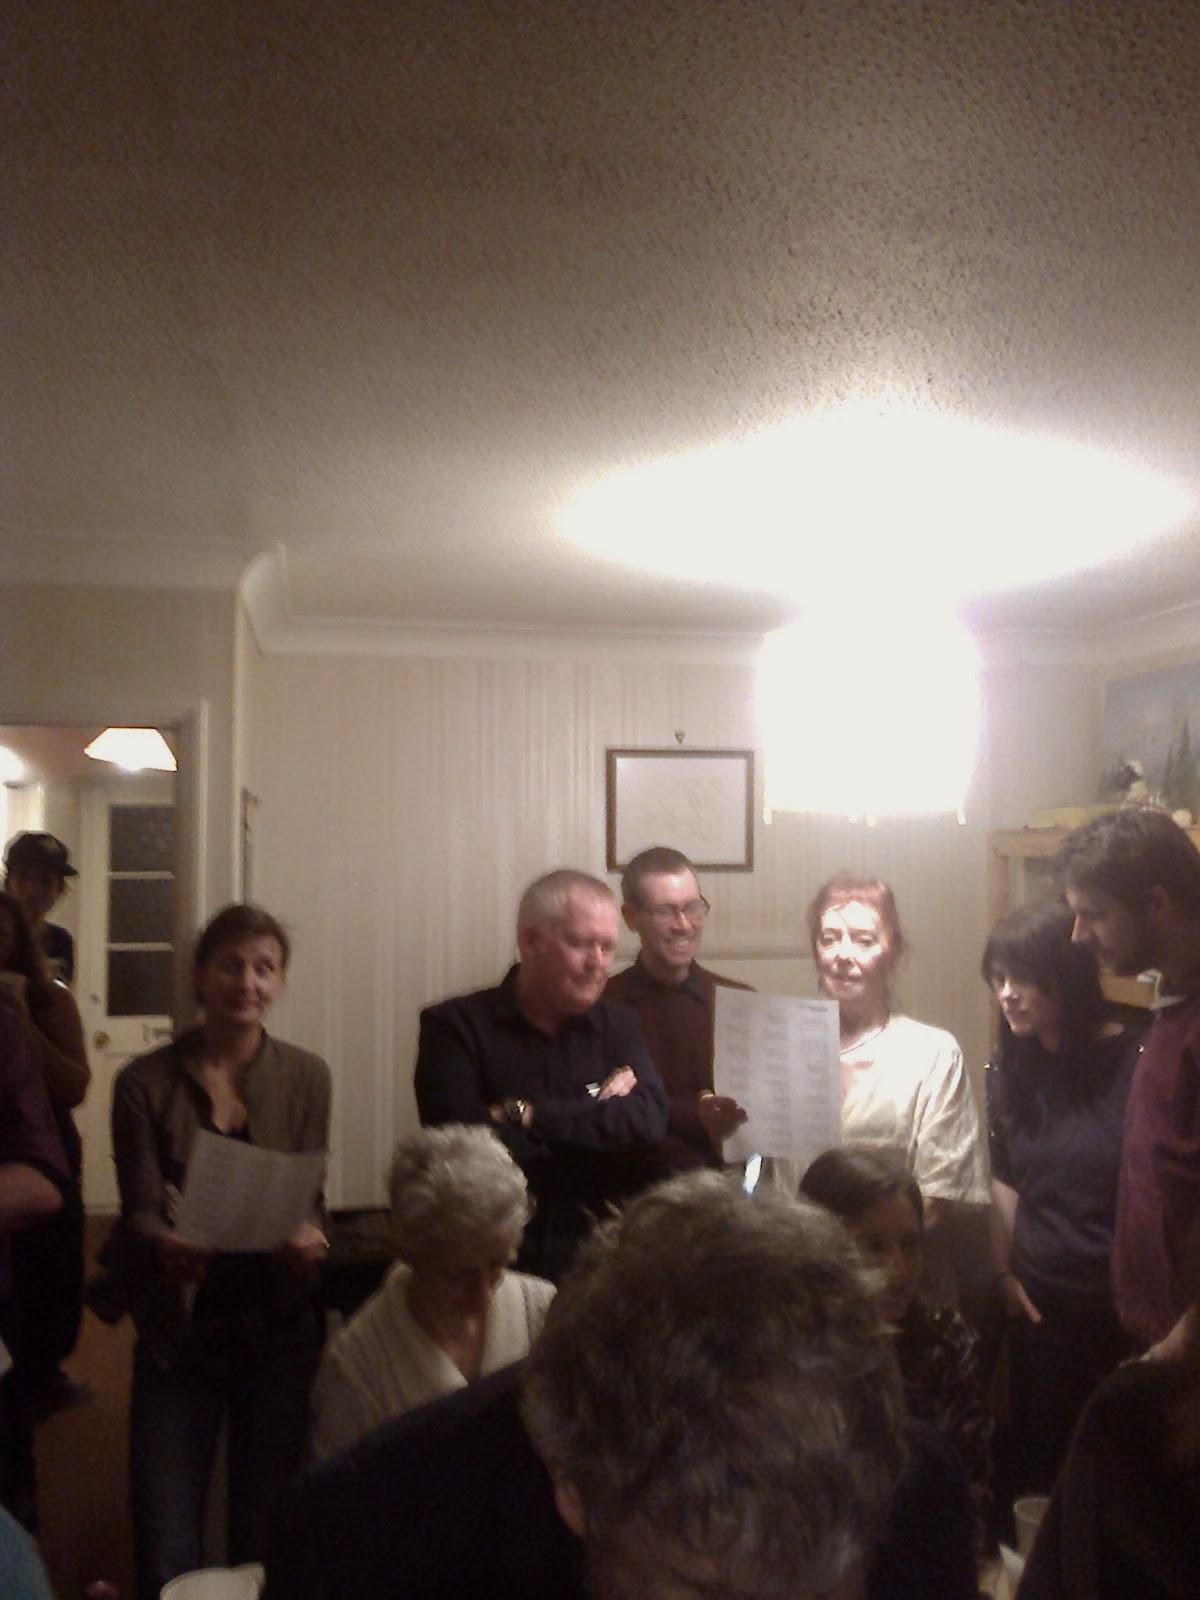 Tony Greenstein Blog: Tony Greenstein's Blog: Tony Greenstein's 60th Birthday Party